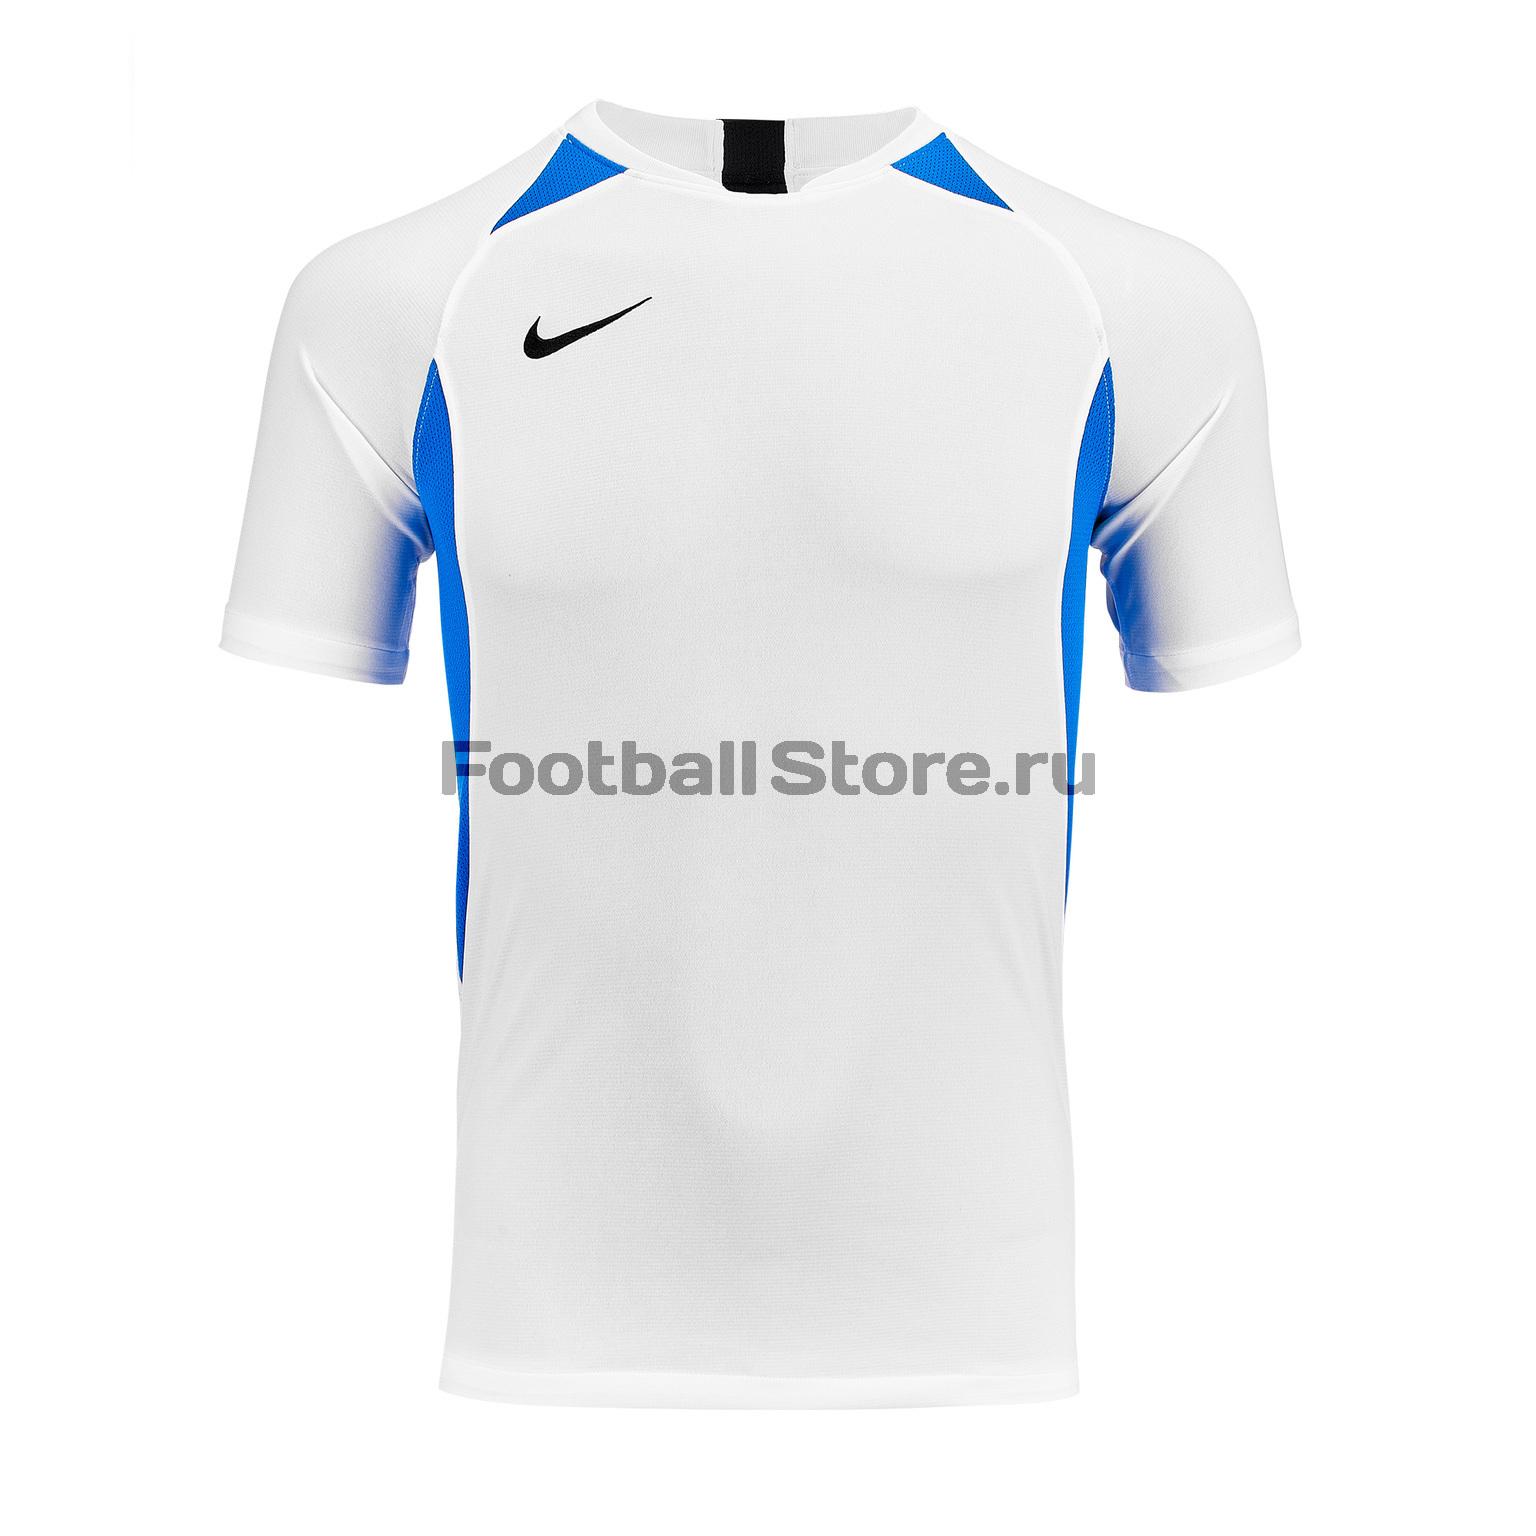 Футболка подростковая Nike Dry Legend SS AJ1010-102 футболка игровая nike dry tiempo prem jsy ss 894230 411